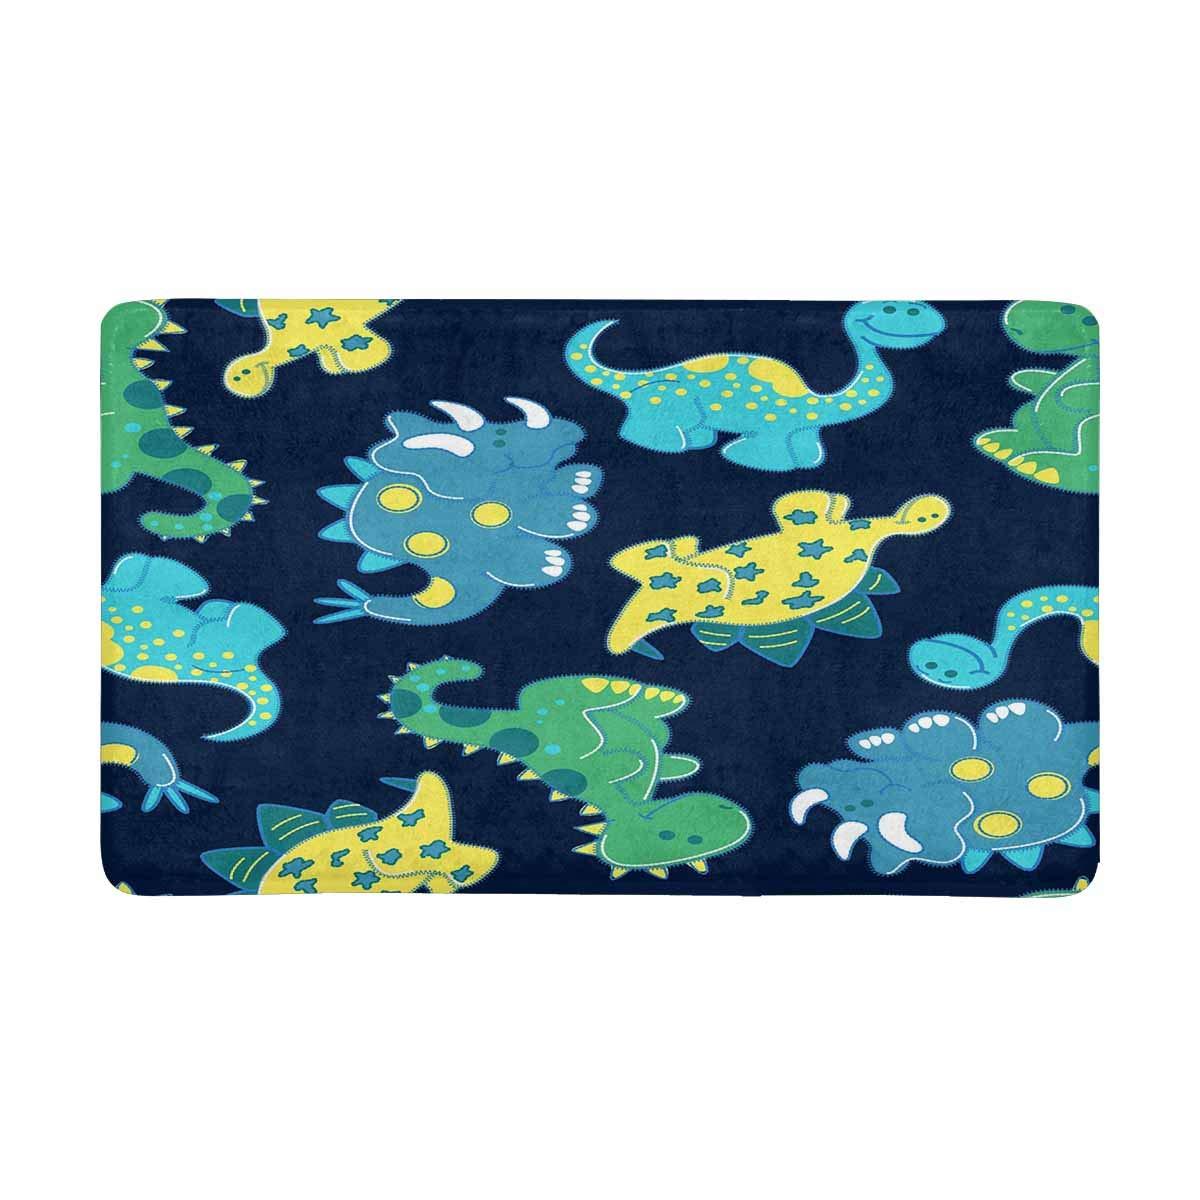 InterestPrint Dinosaurs Doormat Non Slip Indoor/Outdoor Doormat Floor Mat Home Decor, Entrance Rug Rubber Backing 30''(L) x 18''(W)